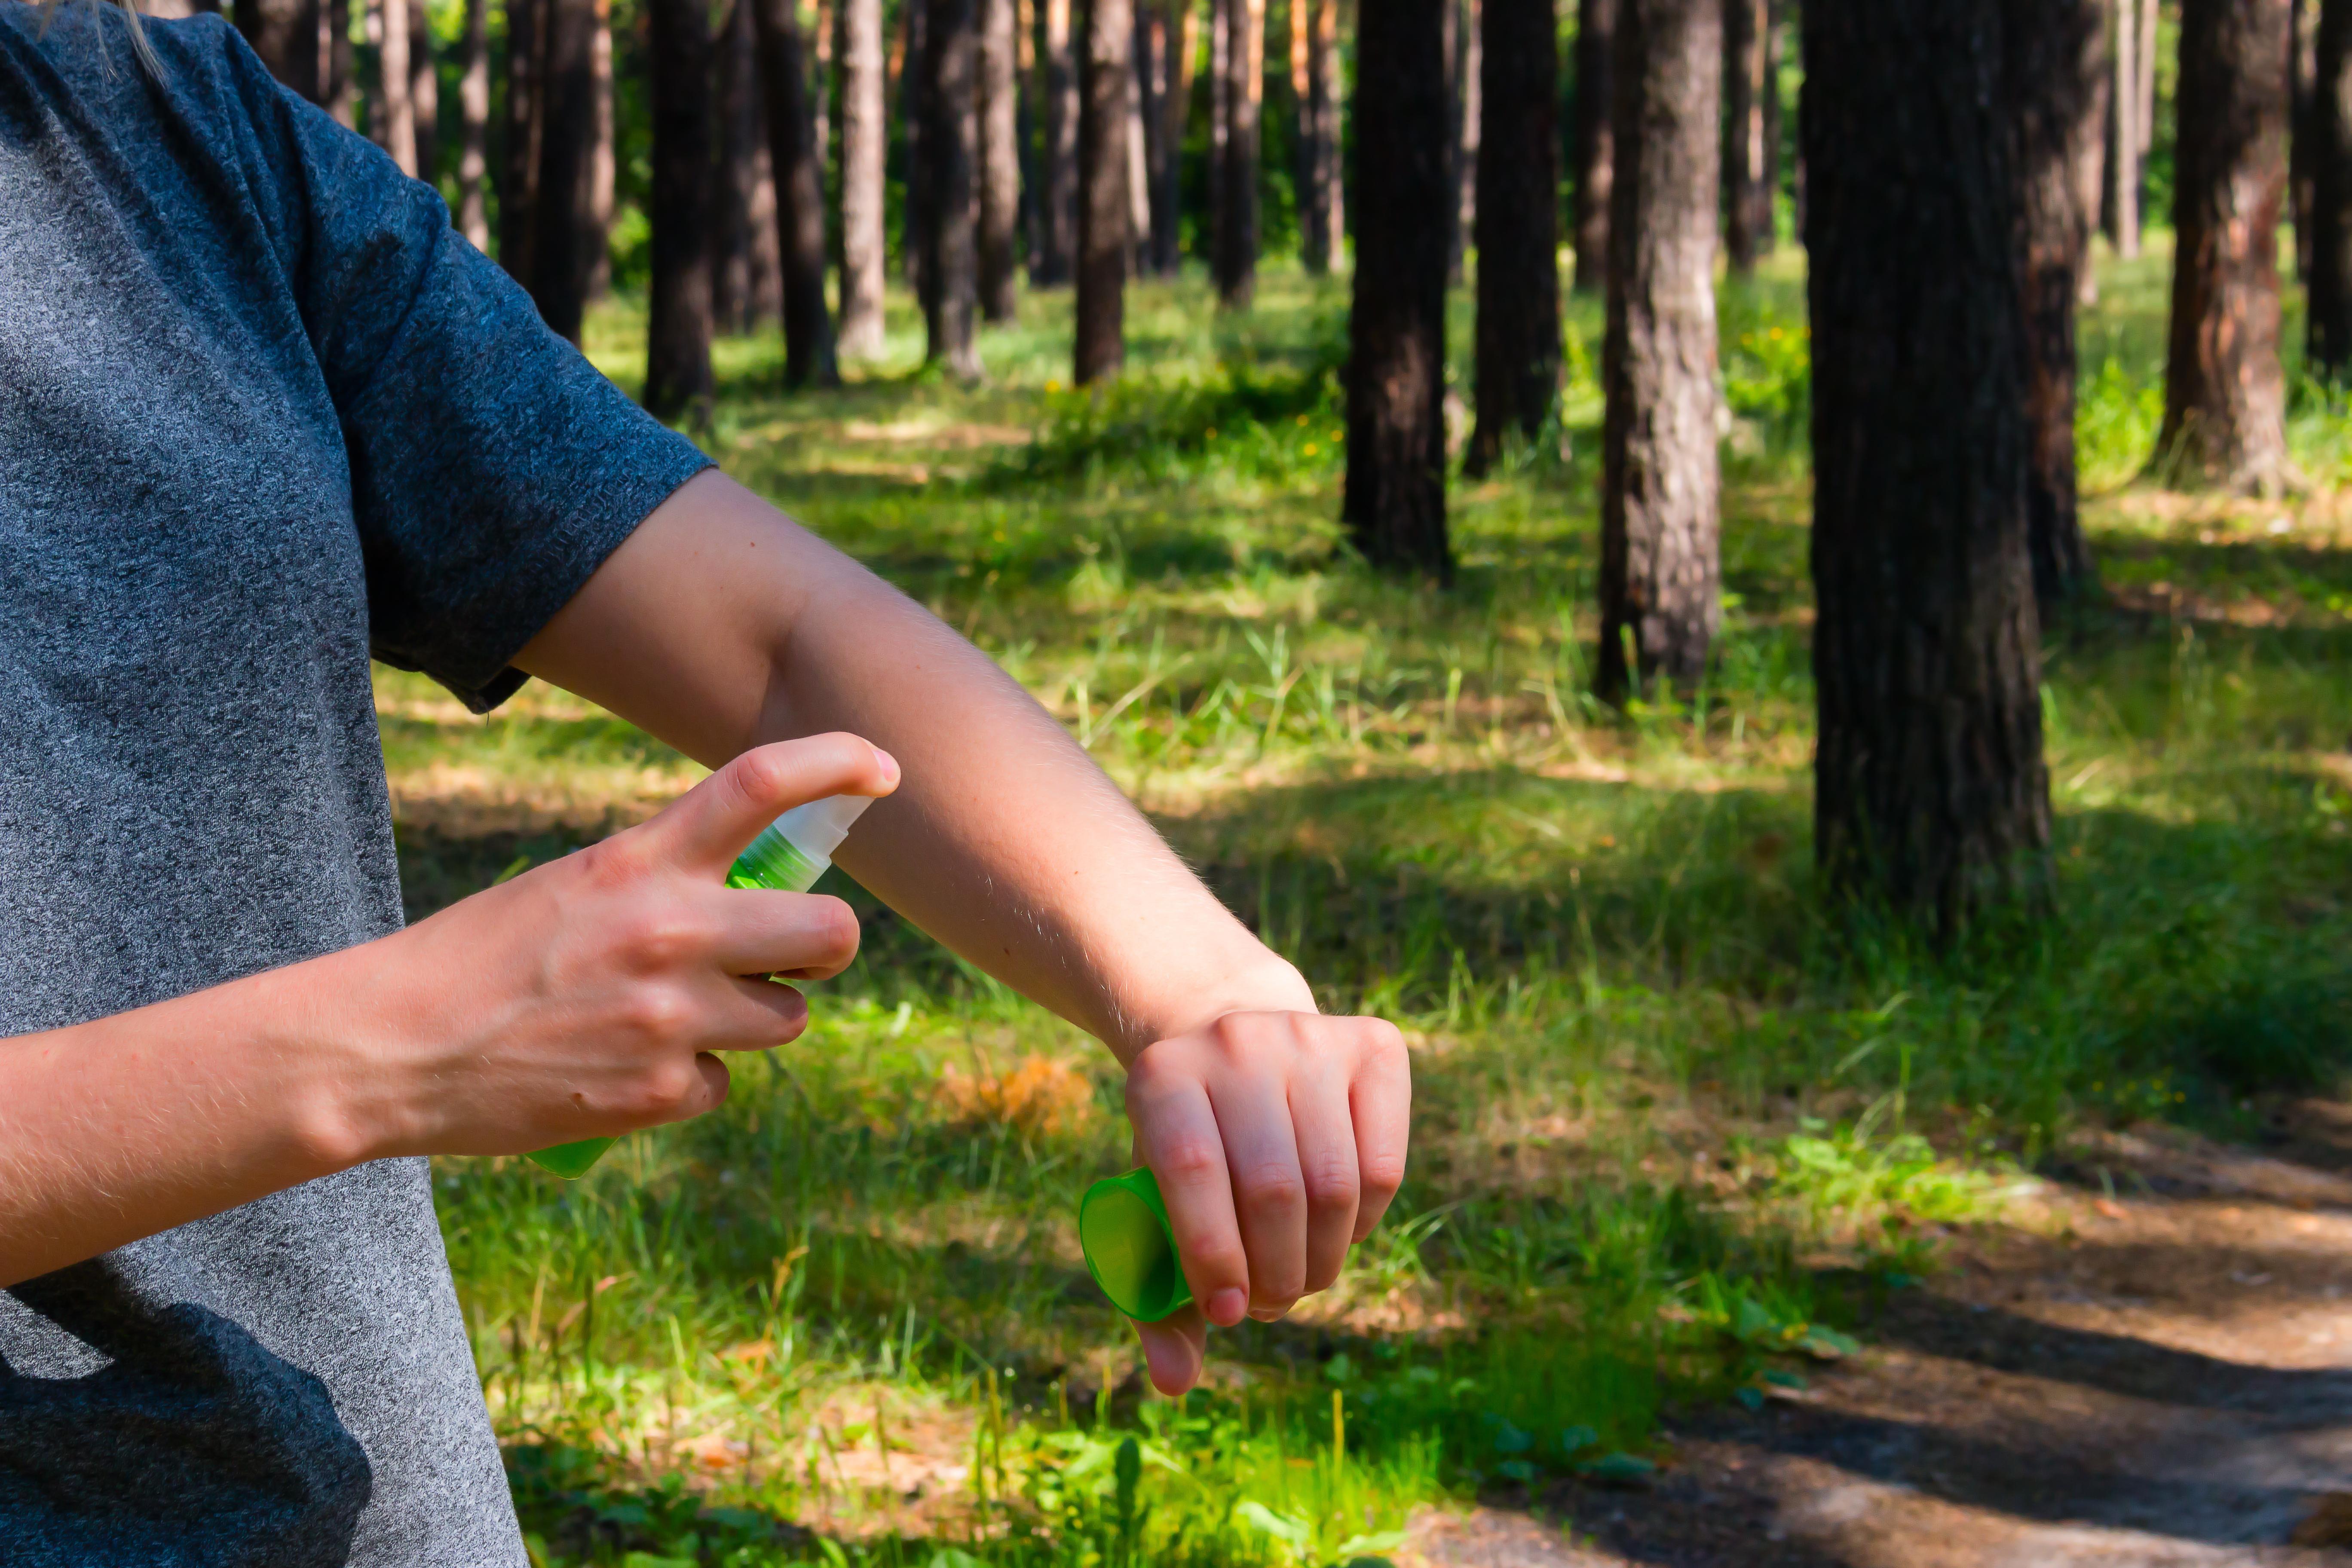 Det finns en uppsjö produkter för att hålla krypen borta och förebygga risken att bli biten.